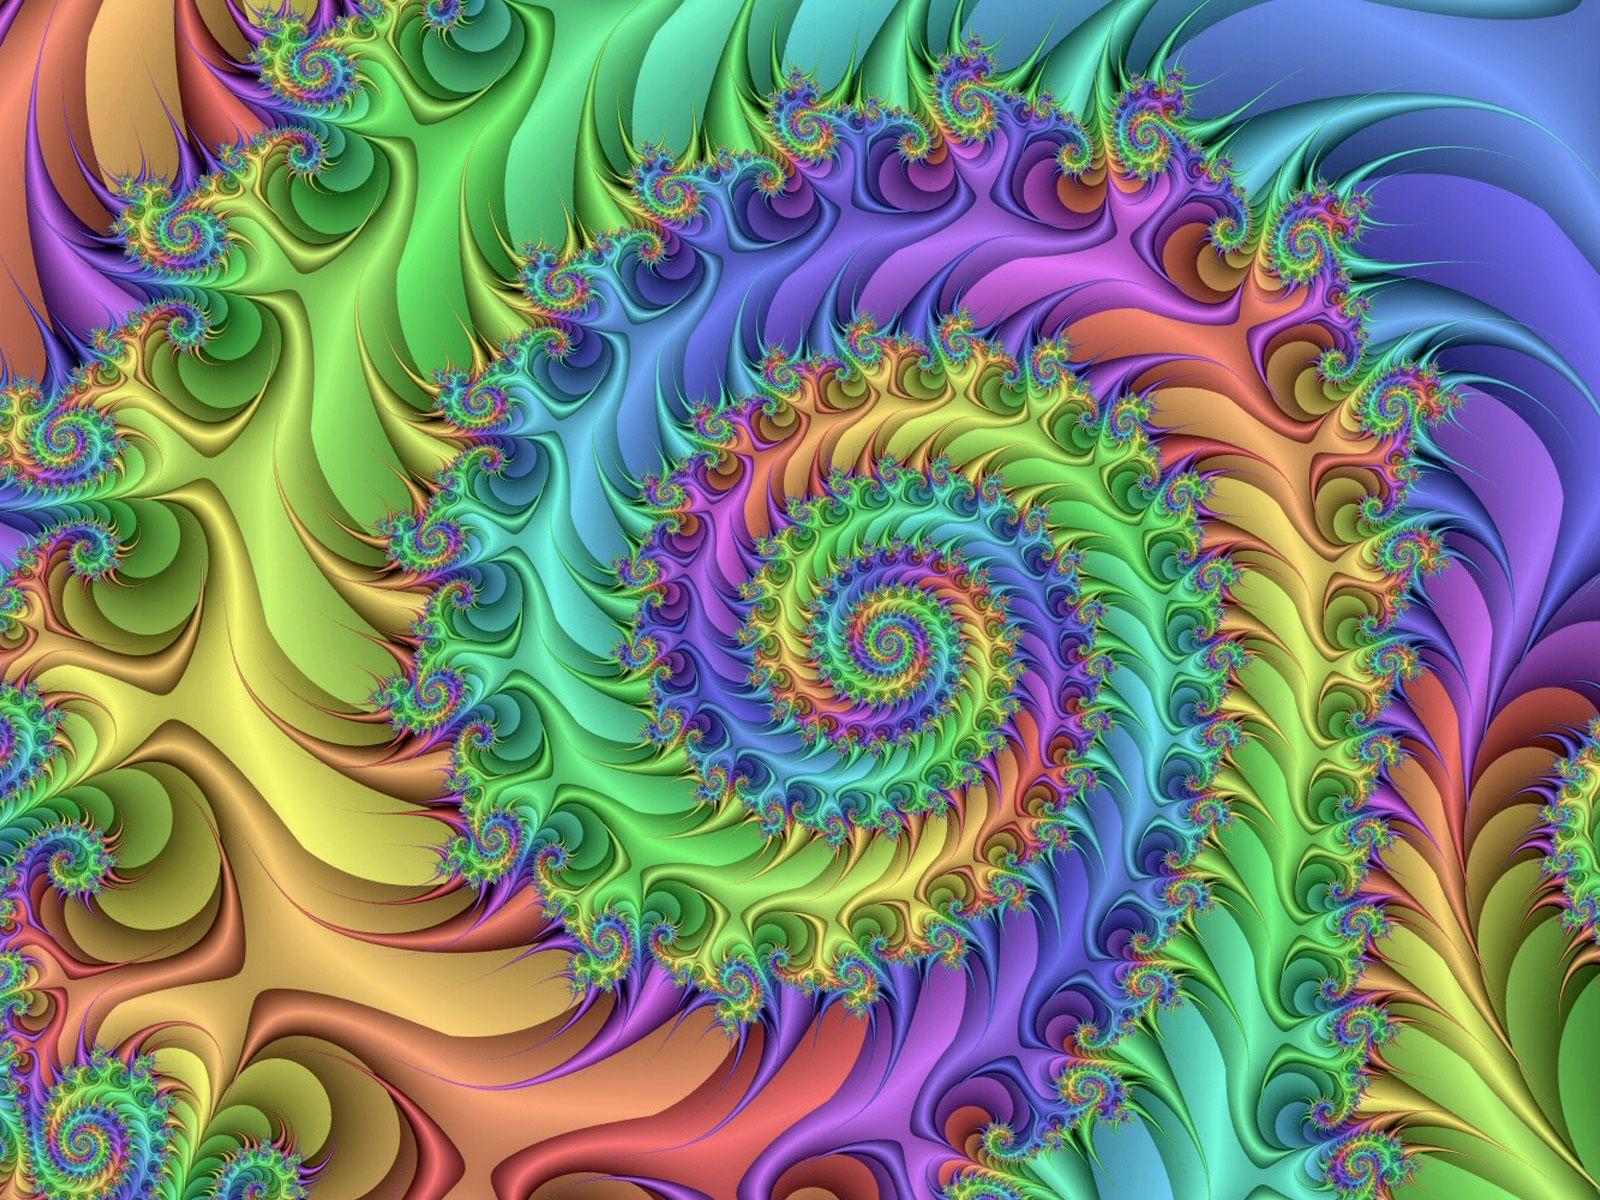 Colorful desktop backgrounds desktop backgrounds for 3d look wallpaper